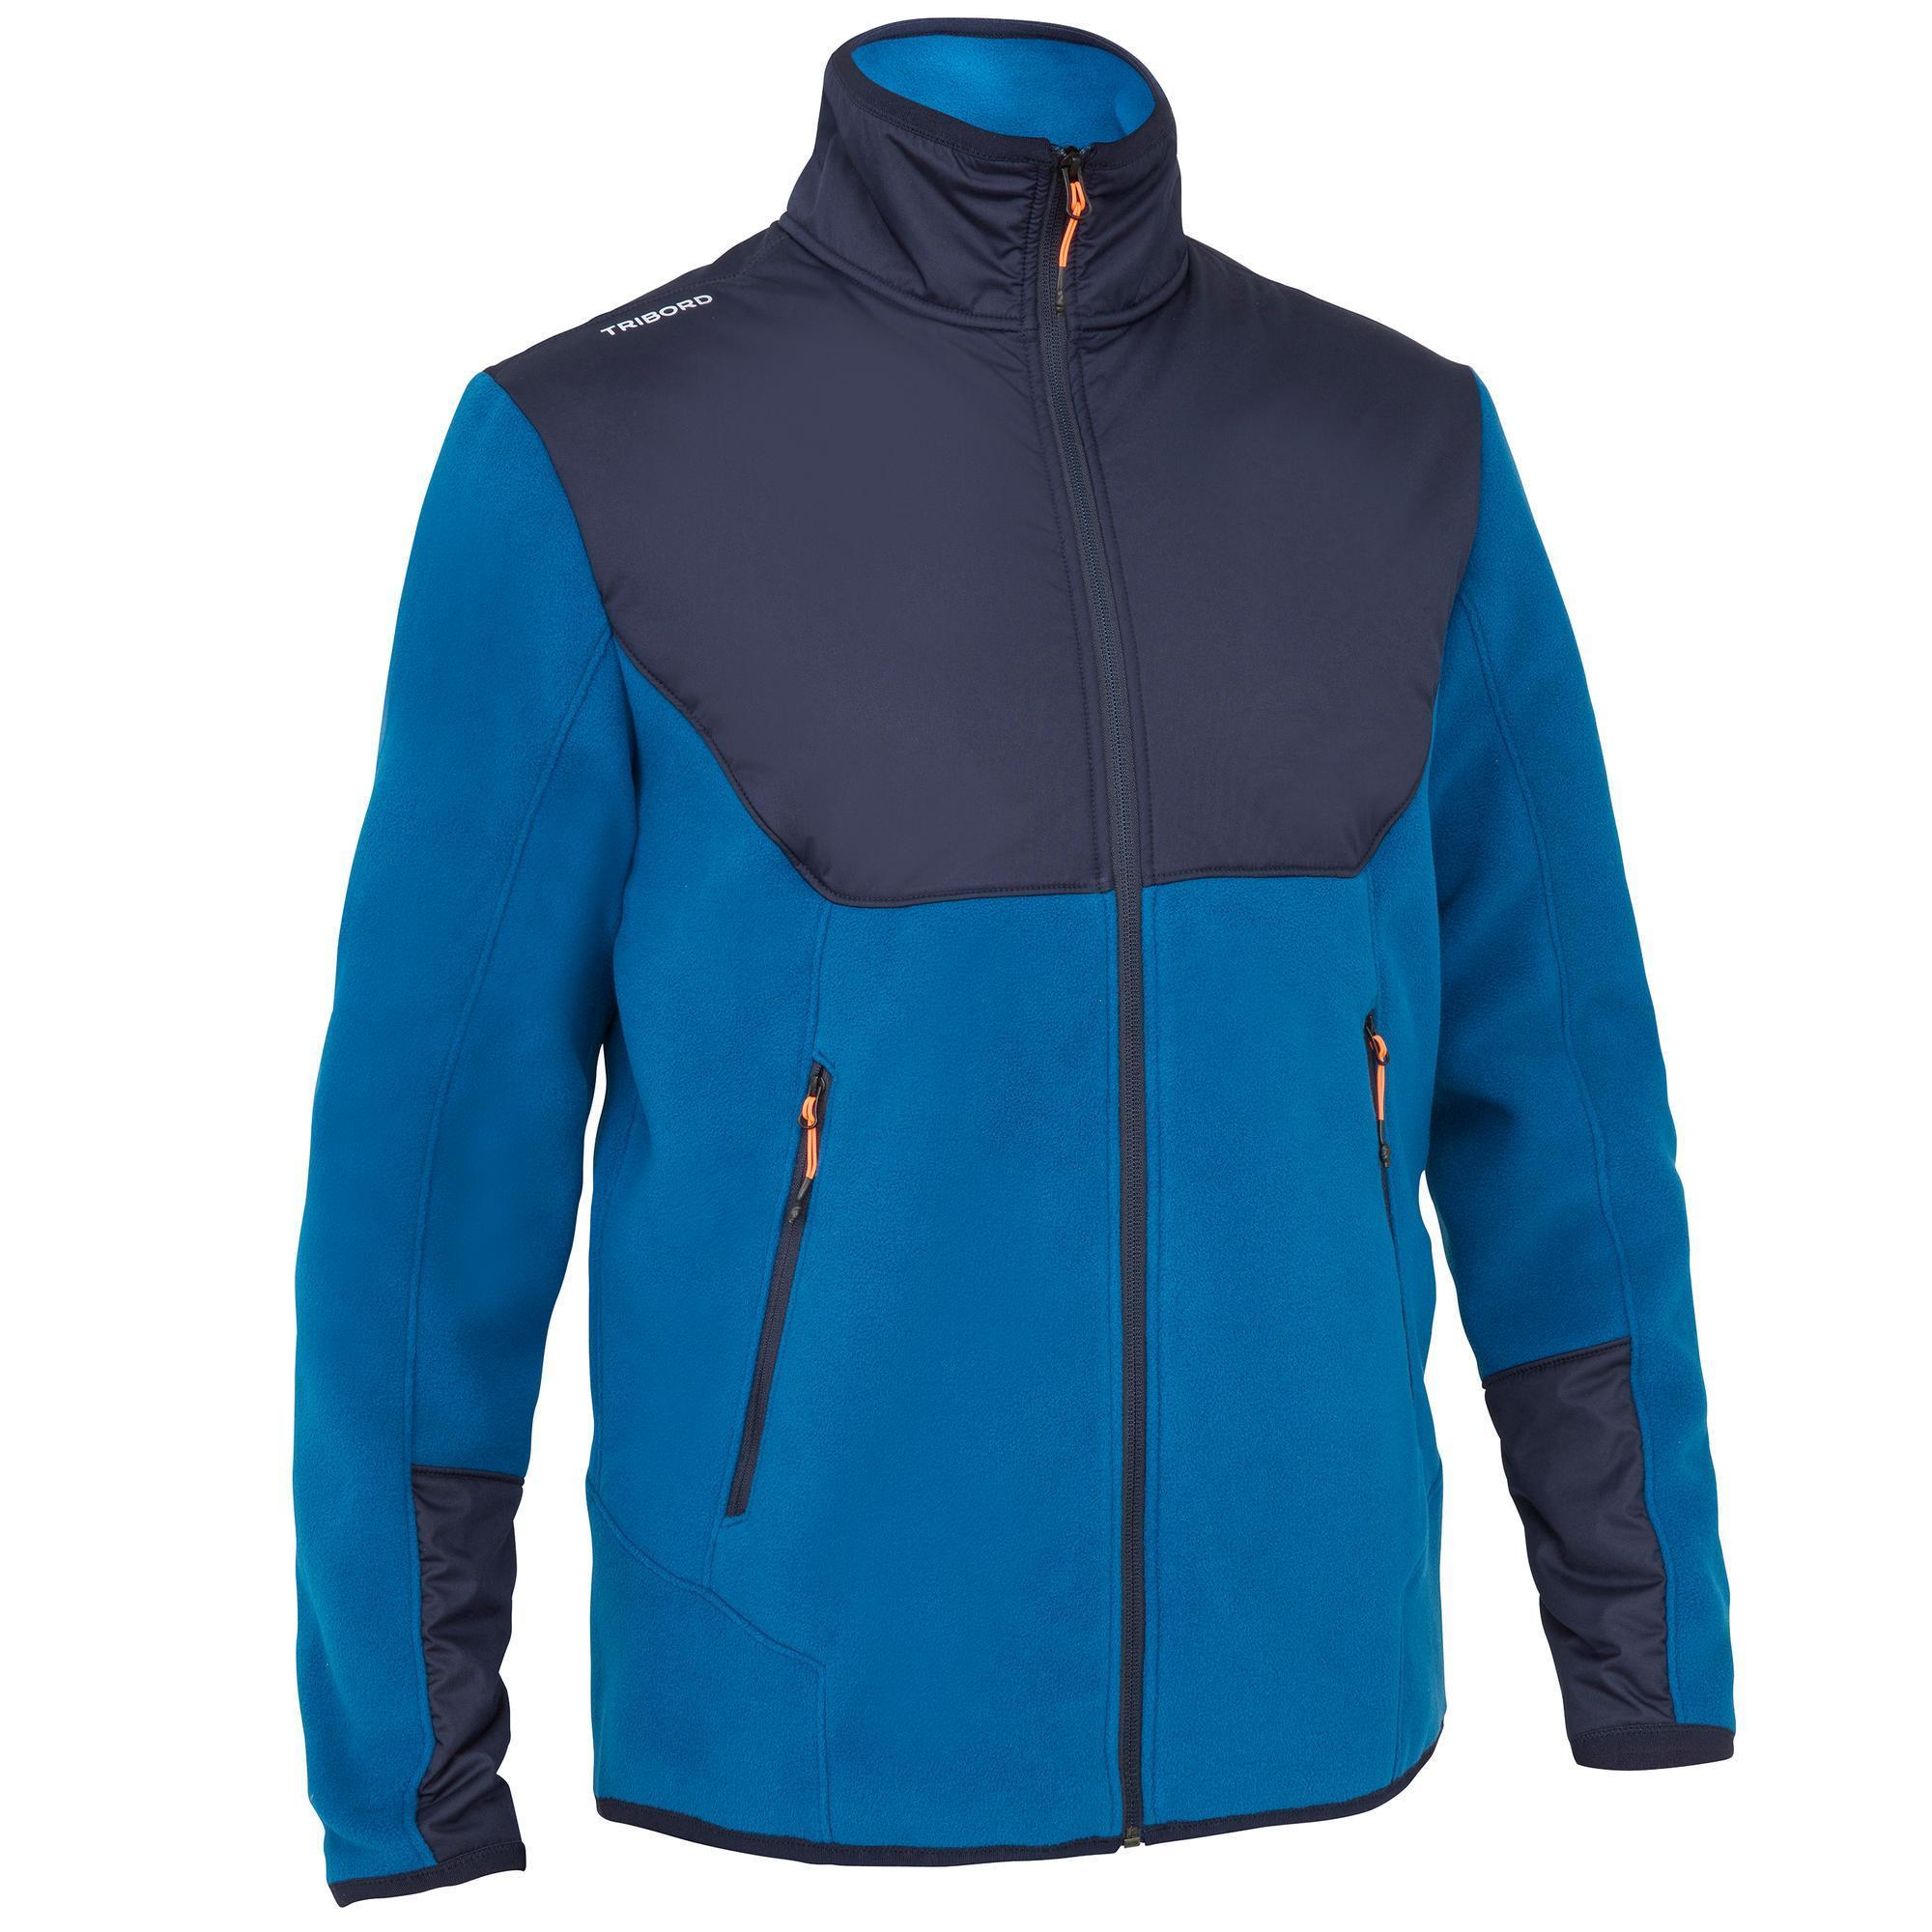 Tribord Warme zeilfleece INSHORE900 heren blauw